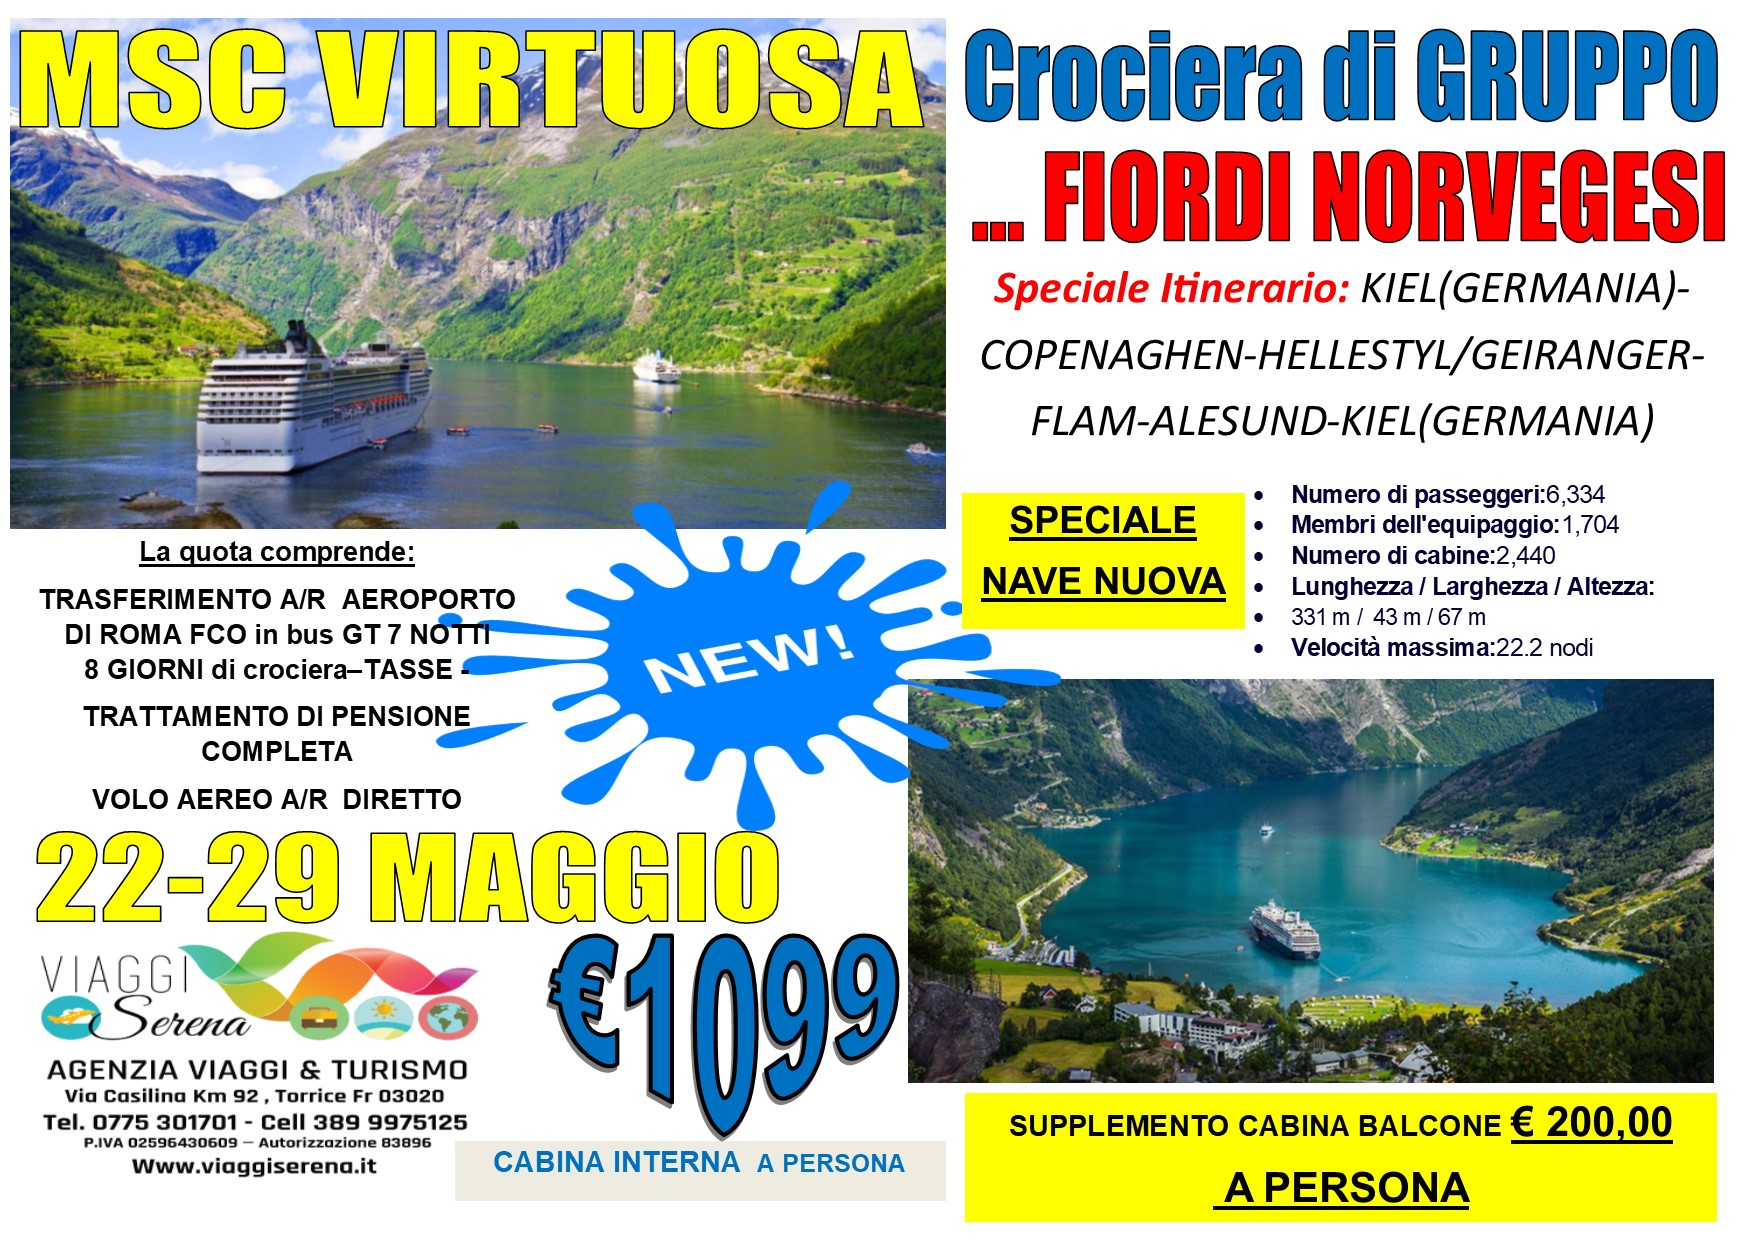 """Crociera di Gruppo: FIORDI NORVEGESI """"Msc Virtuosa"""" 22-29 Maggio 2021… € 1099,00"""